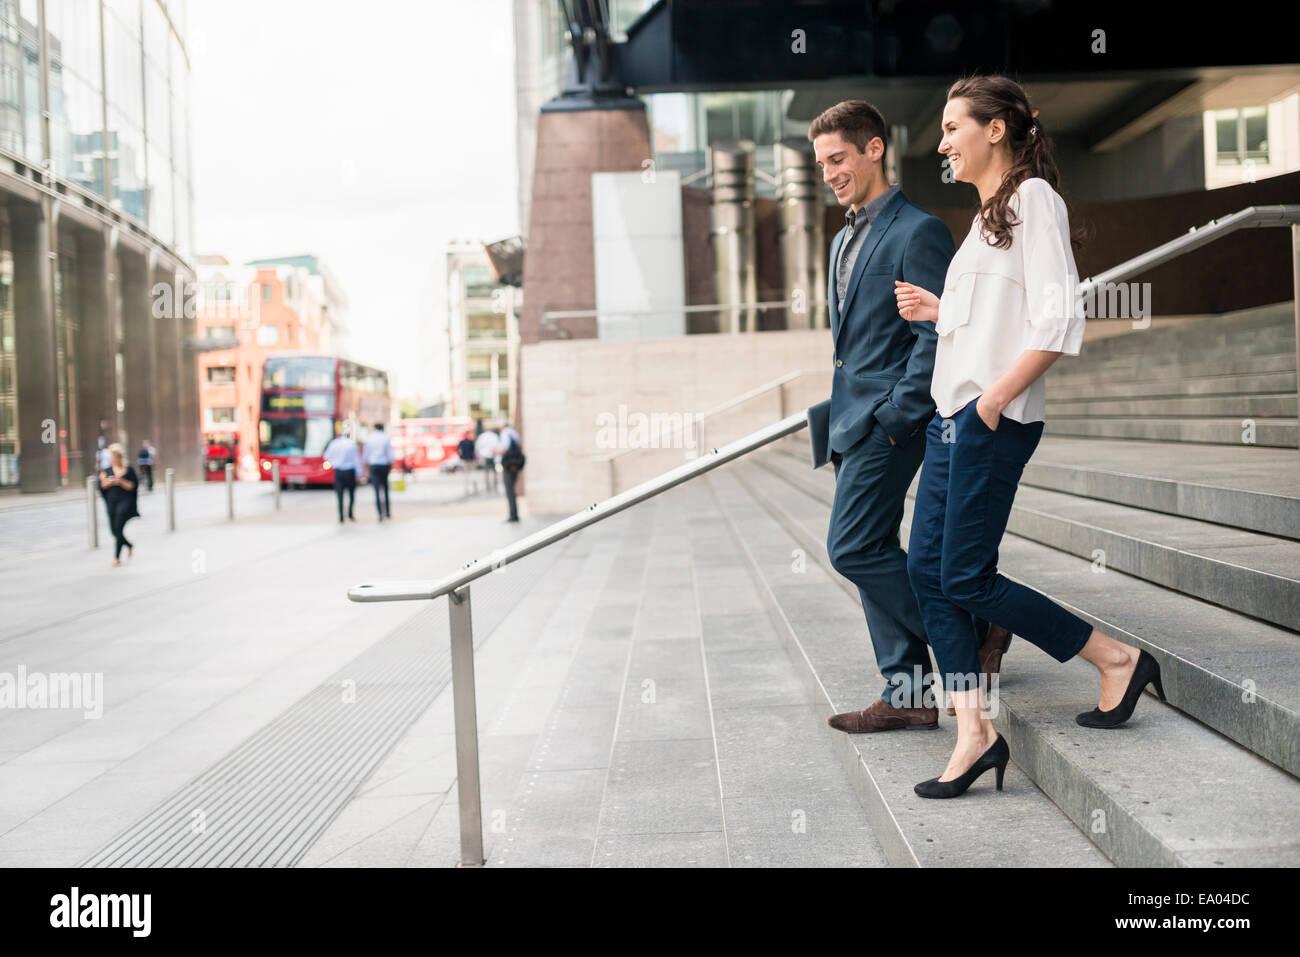 Vista posteriore del giovane imprenditore e la donna in chat mentre scendendo le scale, London, Regno Unito Immagini Stock